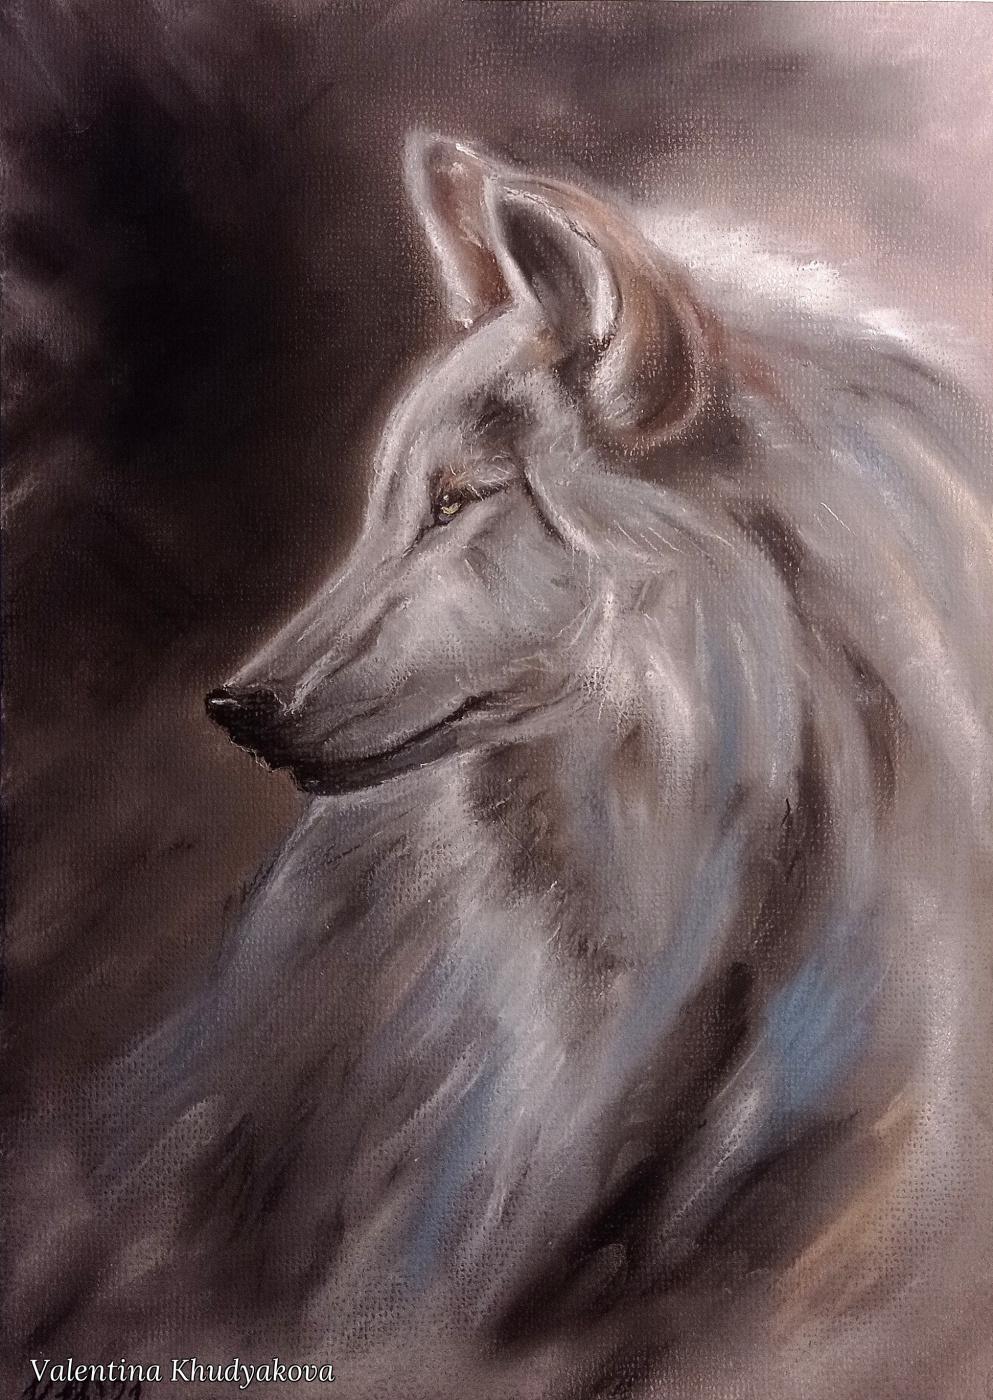 Valentina Khudyakova. She-wolf